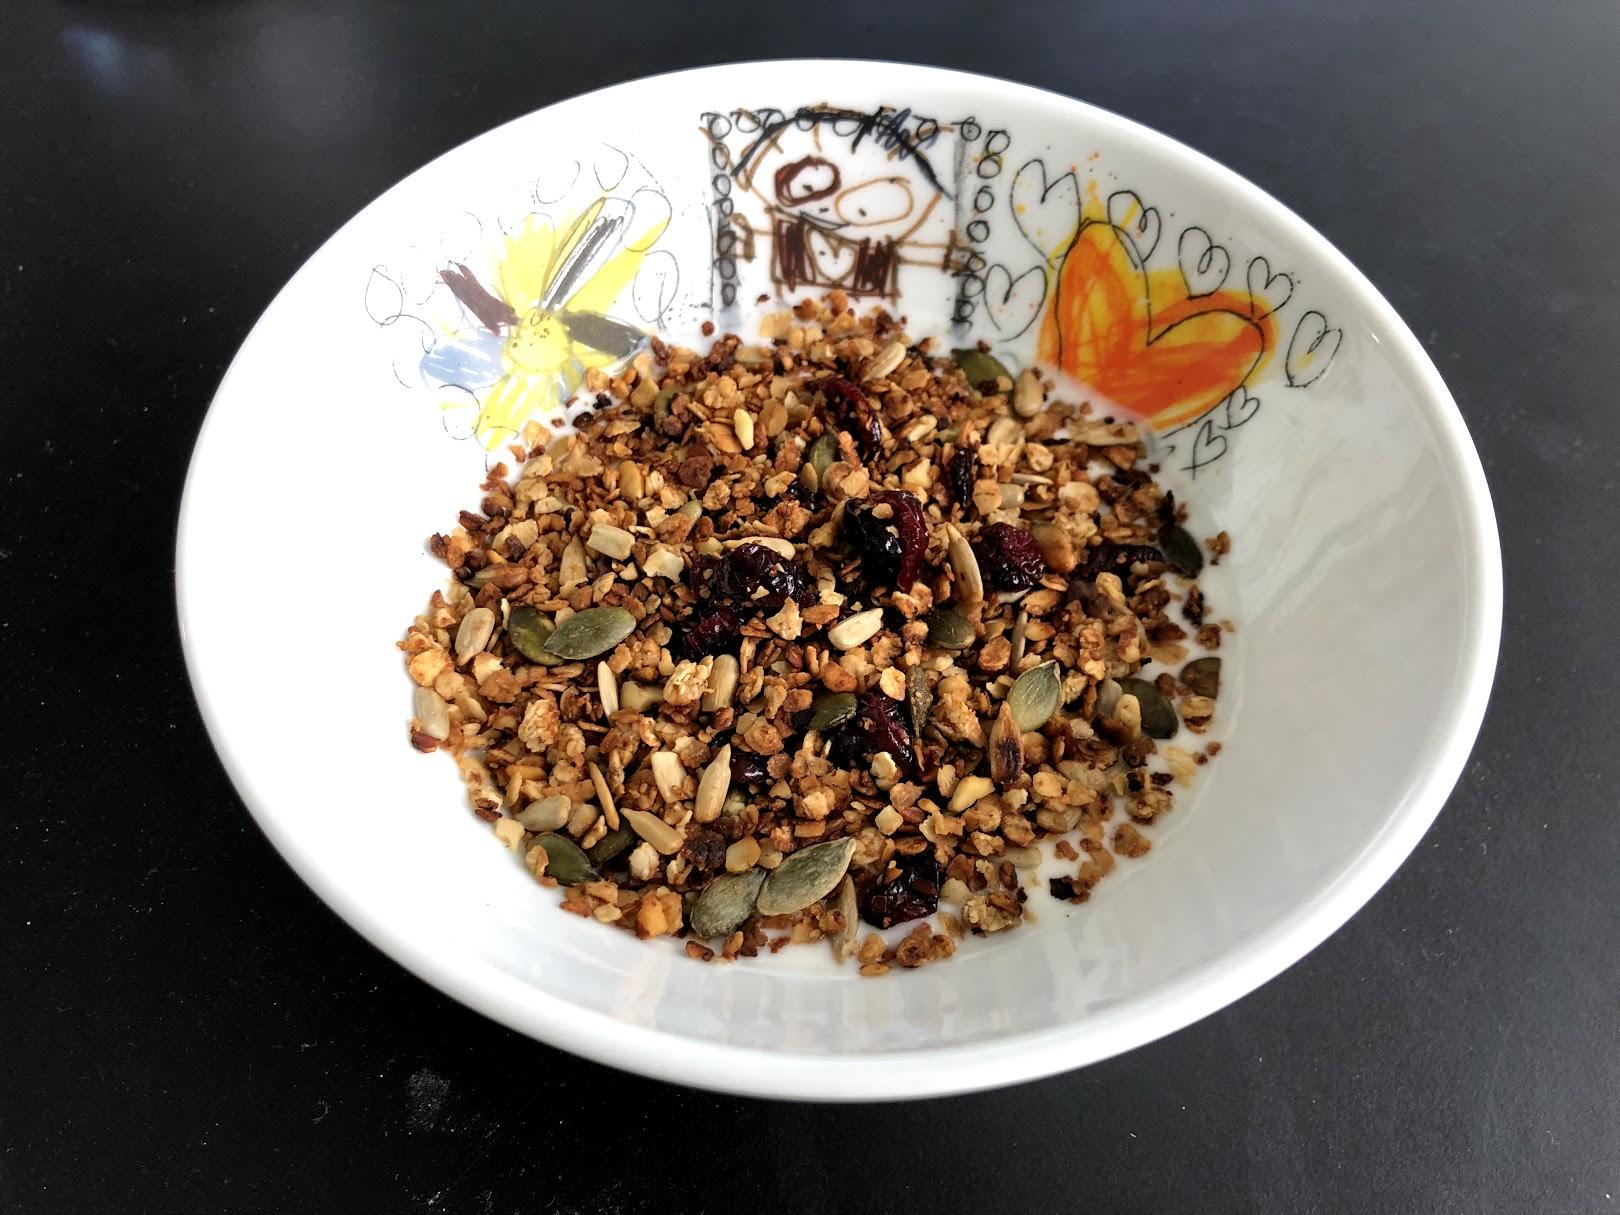 hjemmelavet mysli honningristet havregryns crunch smør græskarkerner solsikkekerner opskrift sådan laver du hvordan havregryn koldskålscrunch drys krunch mandler græskarkerner solsikkerkerne god bedste